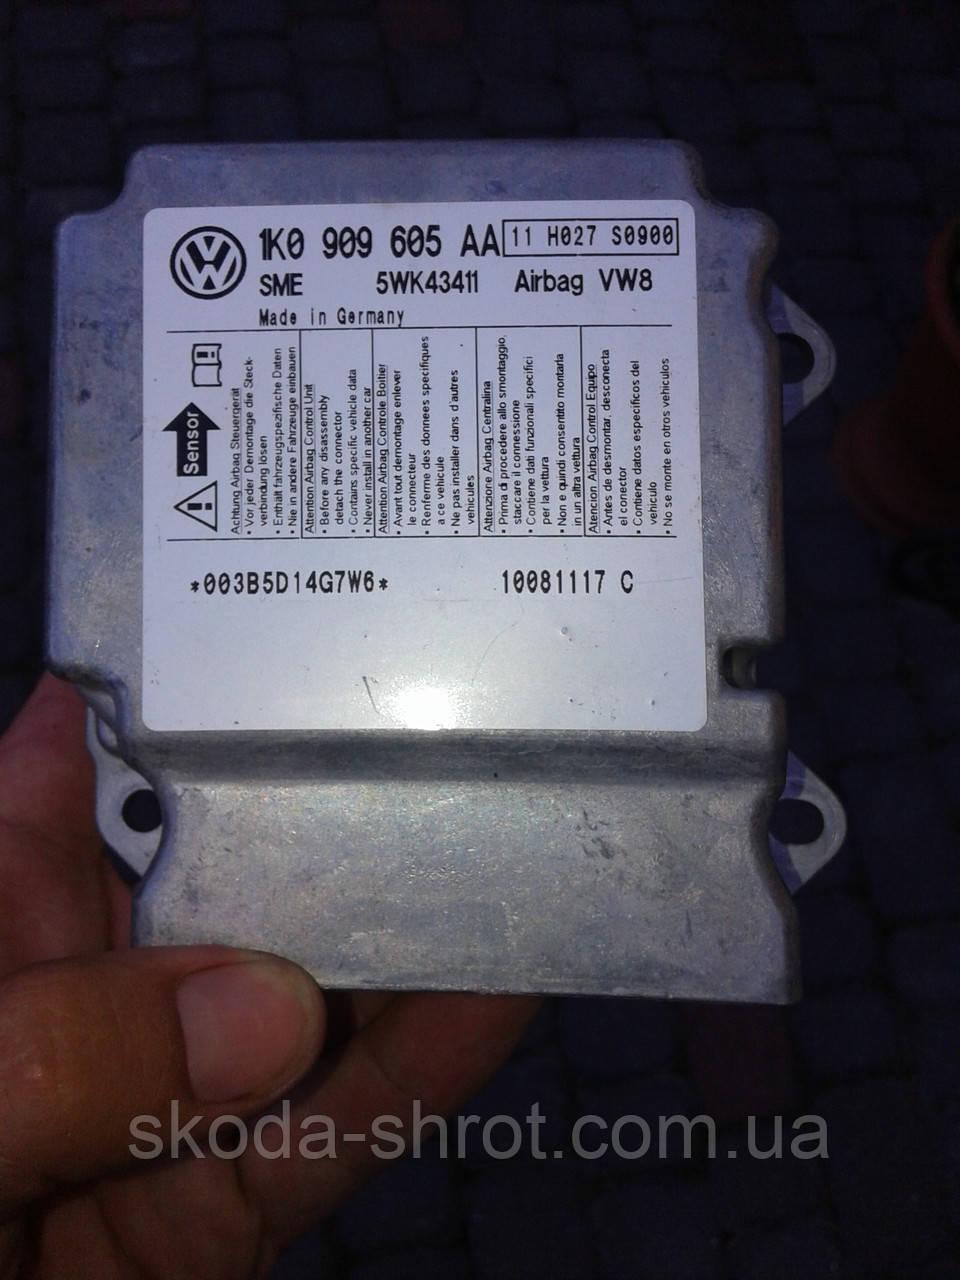 Блок управления аирбегом 1K0 909 605 AA, датчик airbag Шкода октавия А5